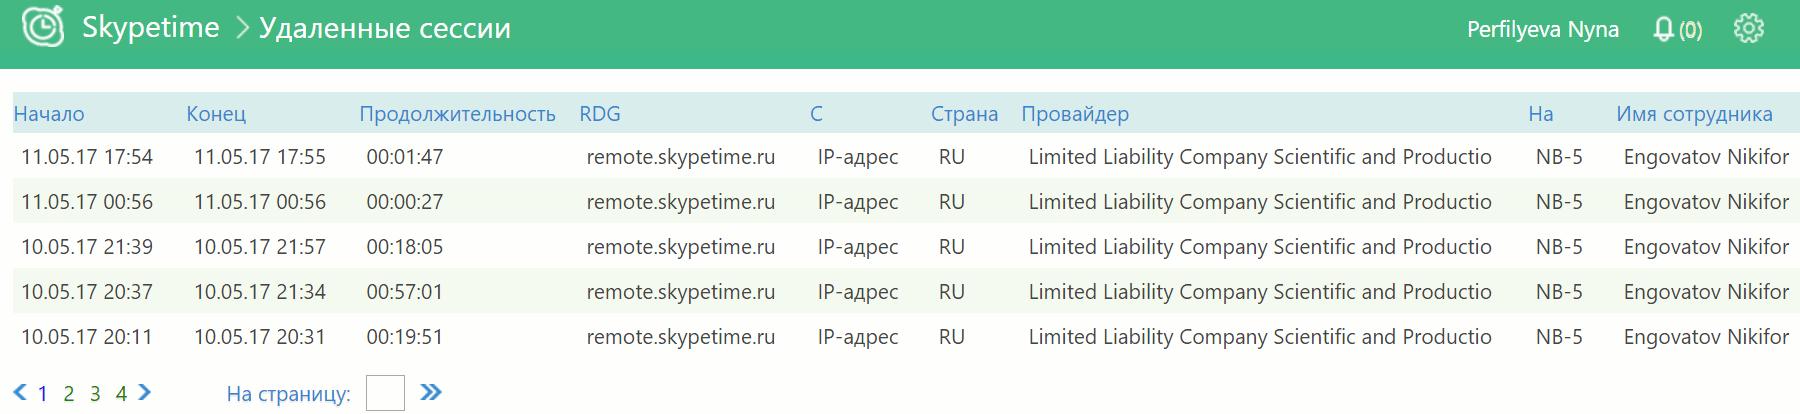 skypetime отчет по удаленным сессиям